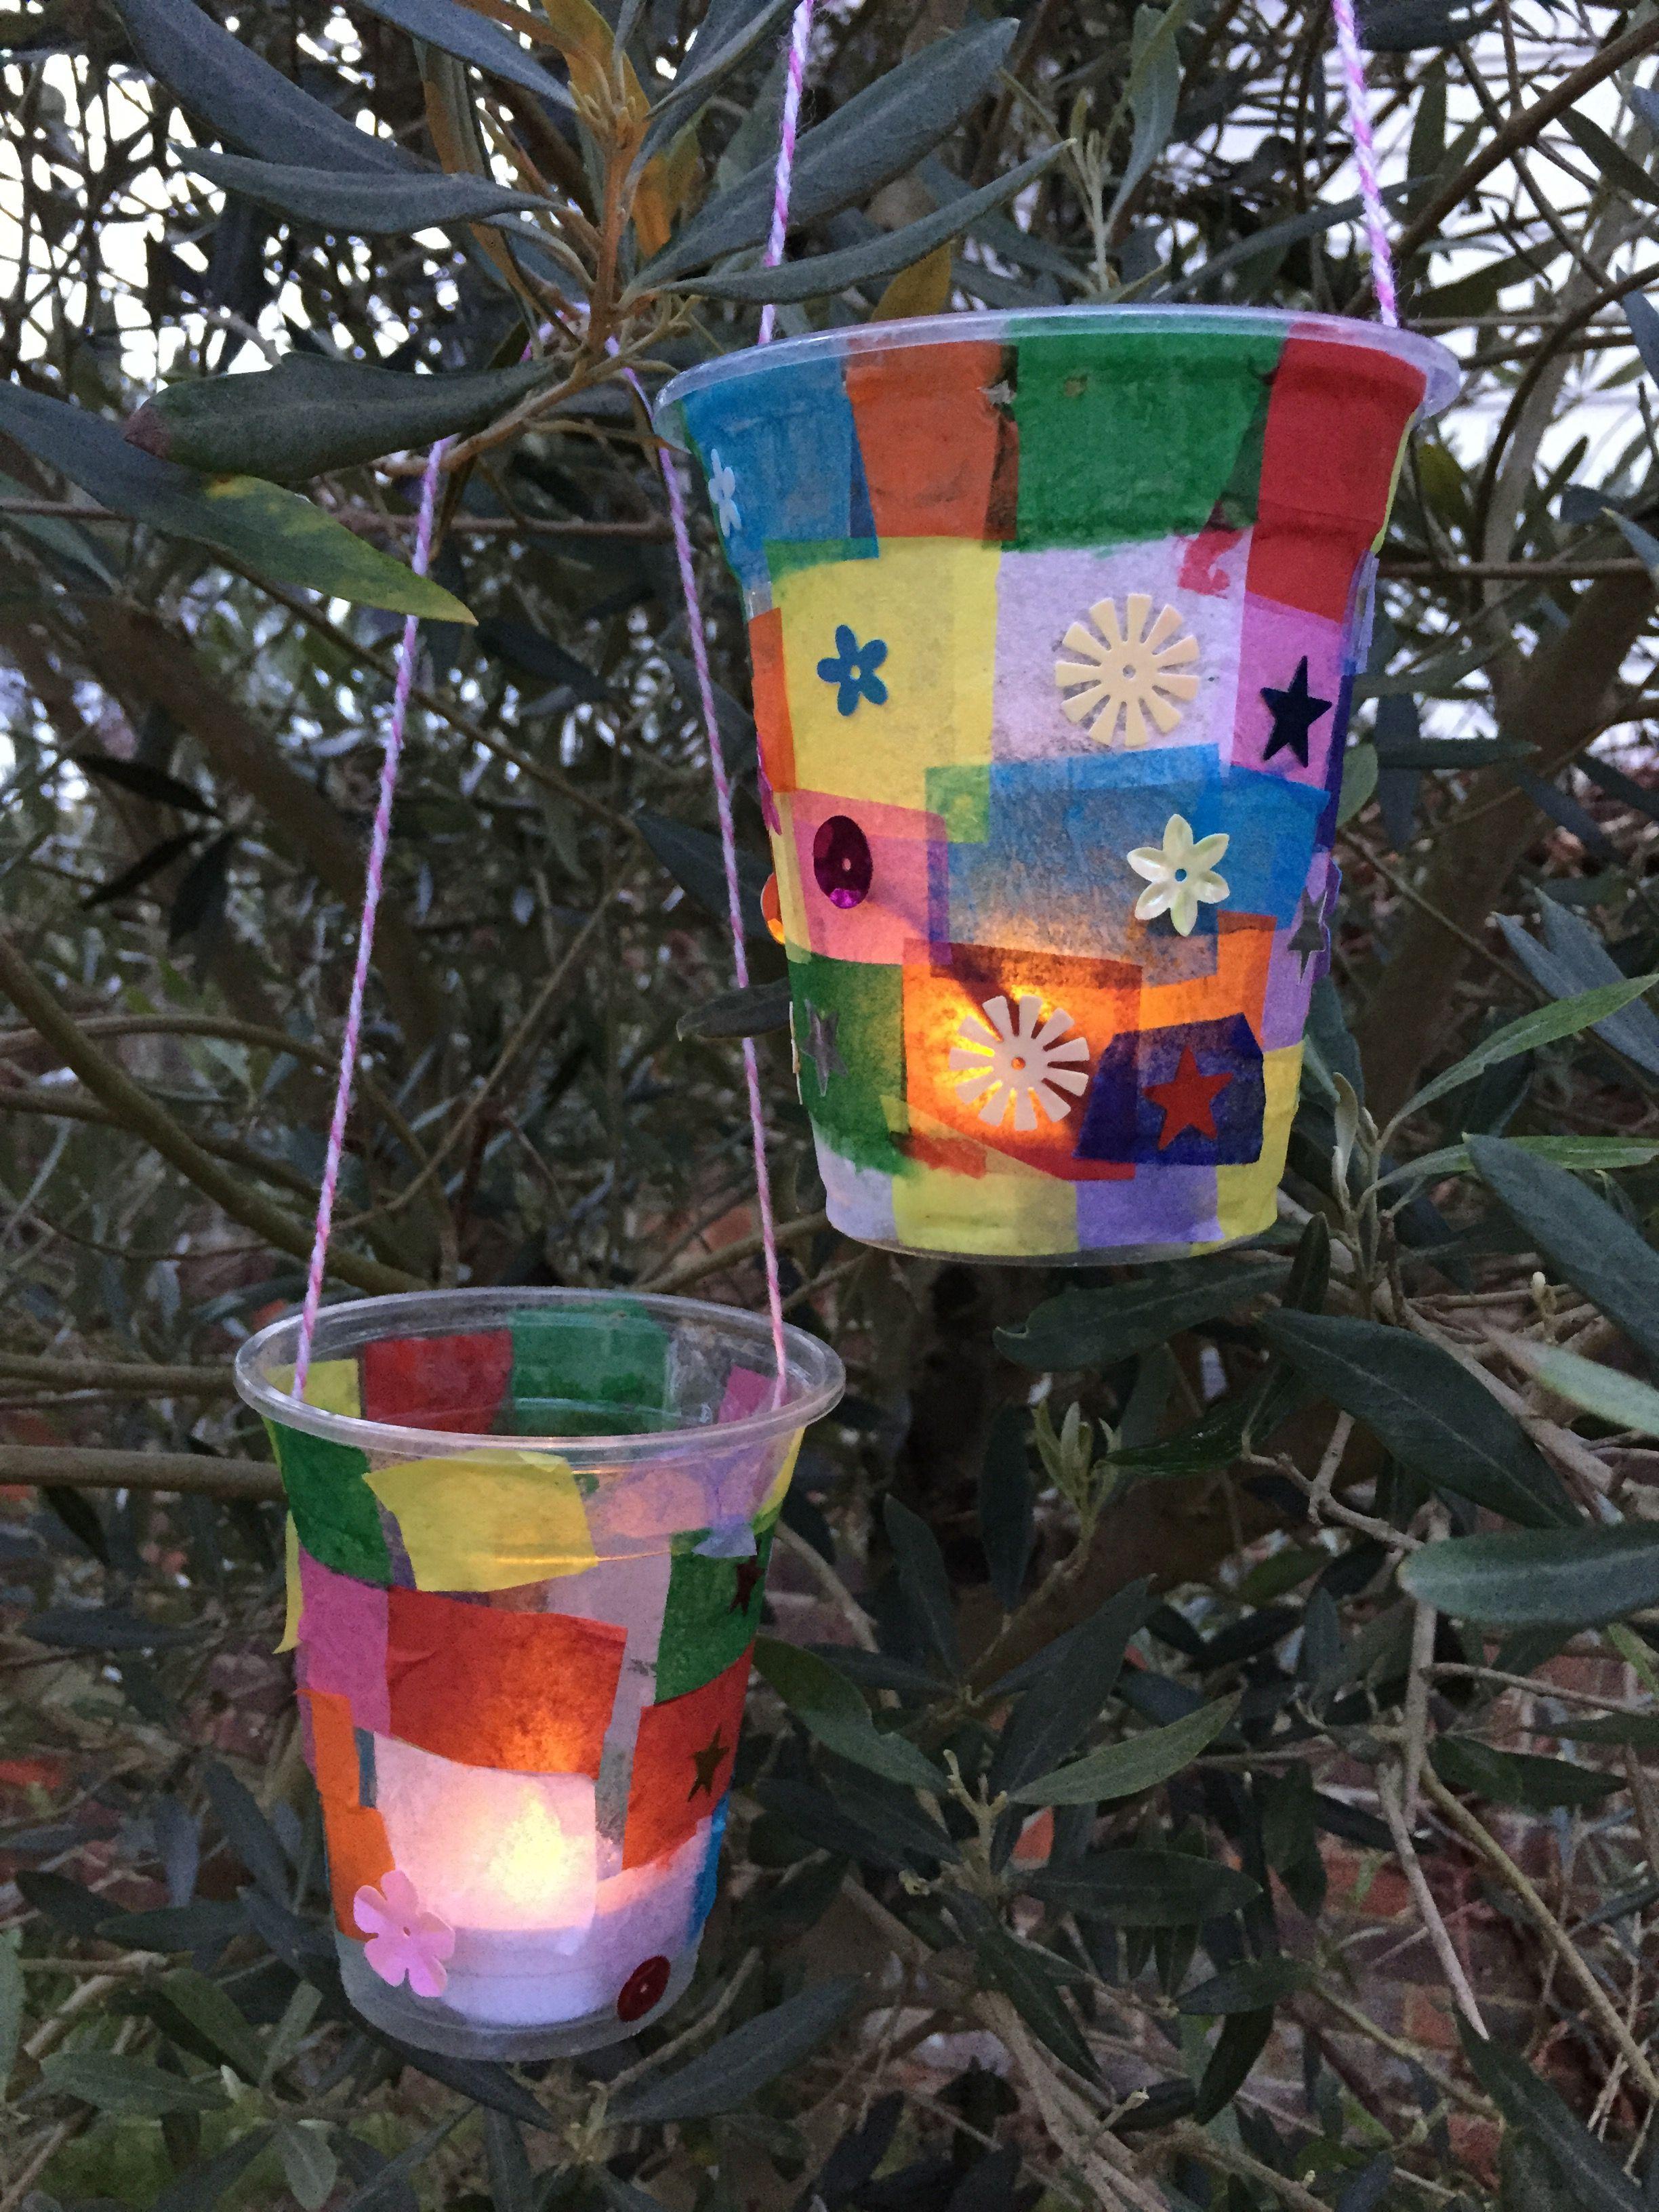 Wonderlijk Makkelijke lampion maken voor Sint Maarten : Sitly blog TW-42